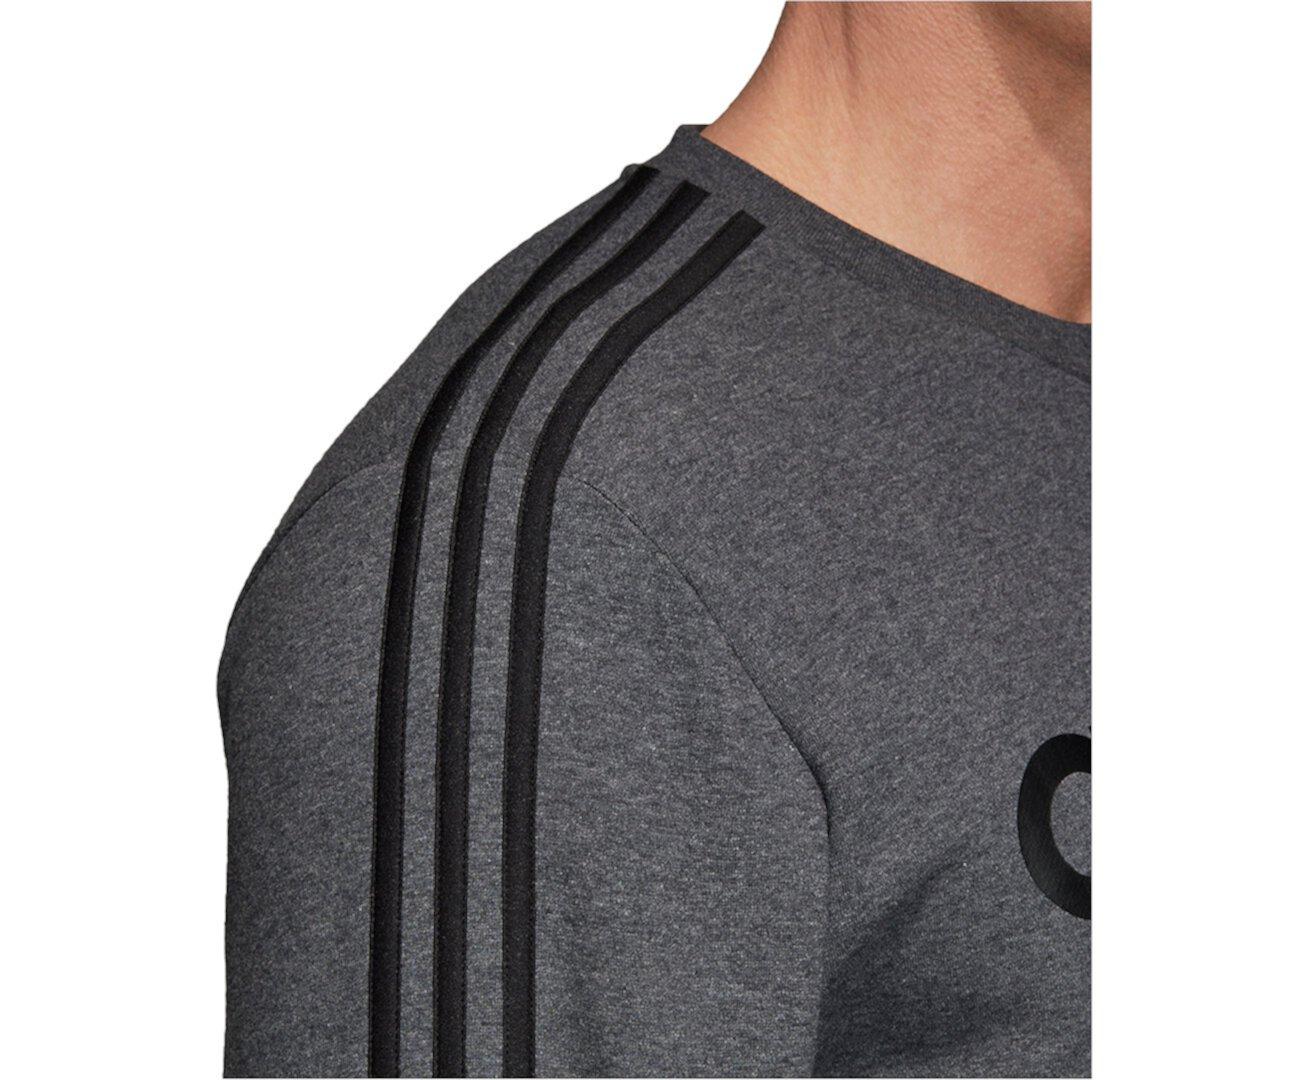 Мужская базовая модель с логотипом из флиса с 3 полосками Adidas